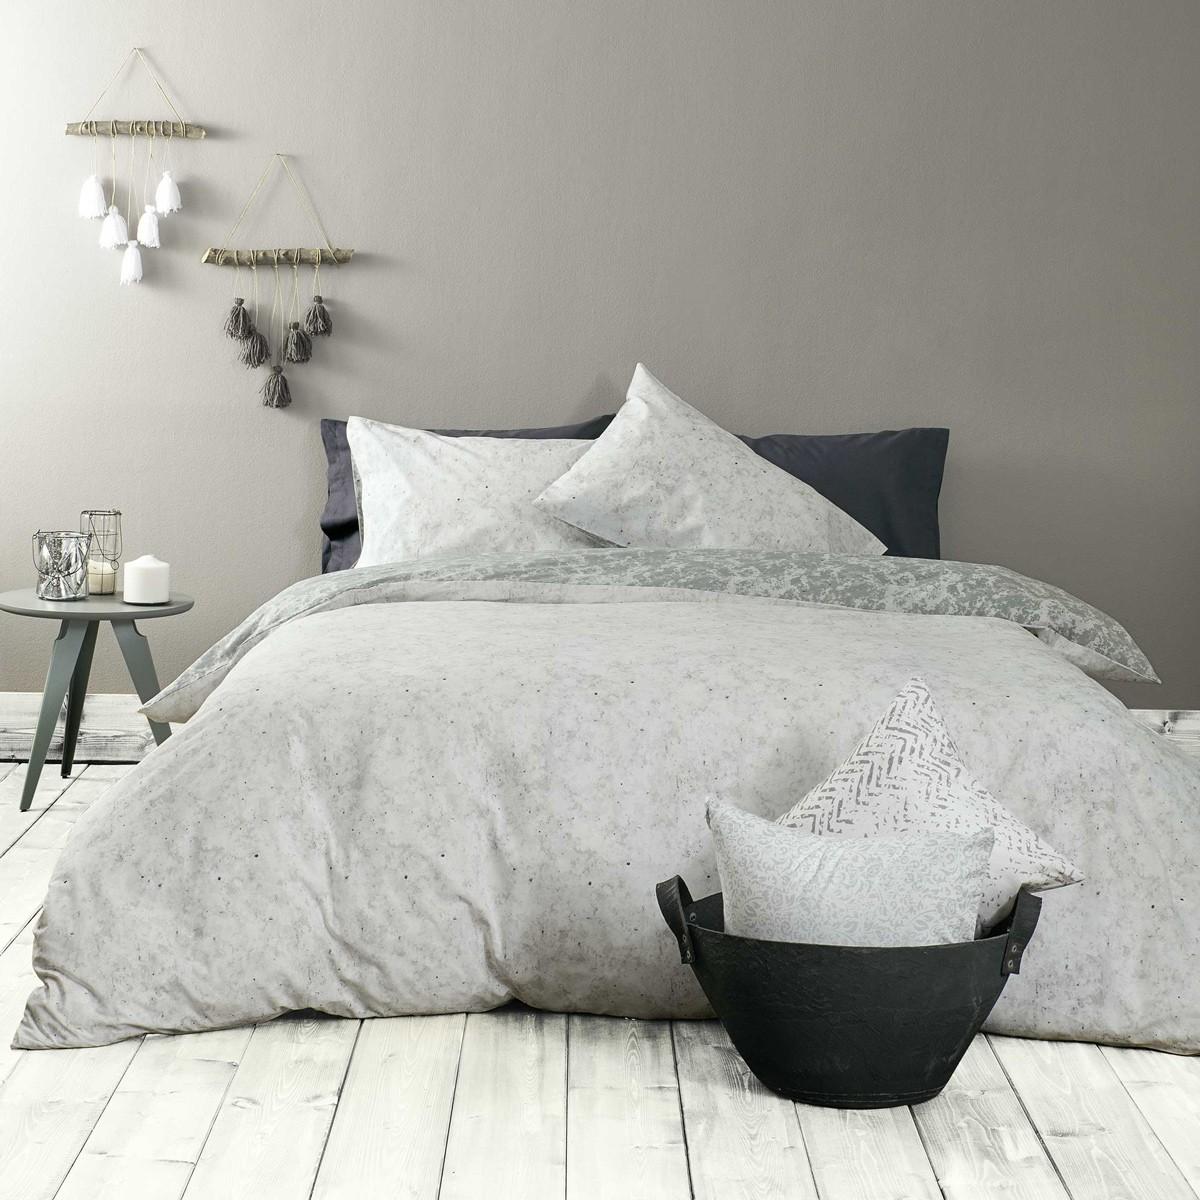 Σεντόνια Υπέρδιπλα (Σετ) Nima Bed Linen Carara Grey ΜΕ ΛΑΣΤΙΧΟ ΜΕ ΛΑΣΤΙΧΟ